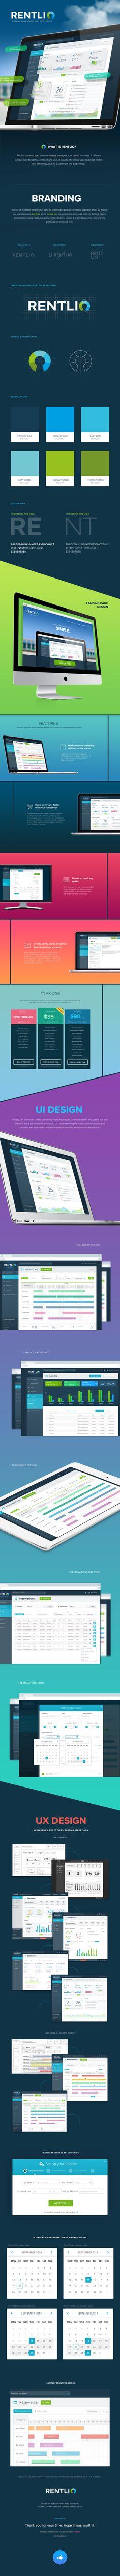 Rentl.io Booking App Ui Design, Bar Chart, Calendar, App, Bar Graphs, Apps, Life Planner, User Interface Design